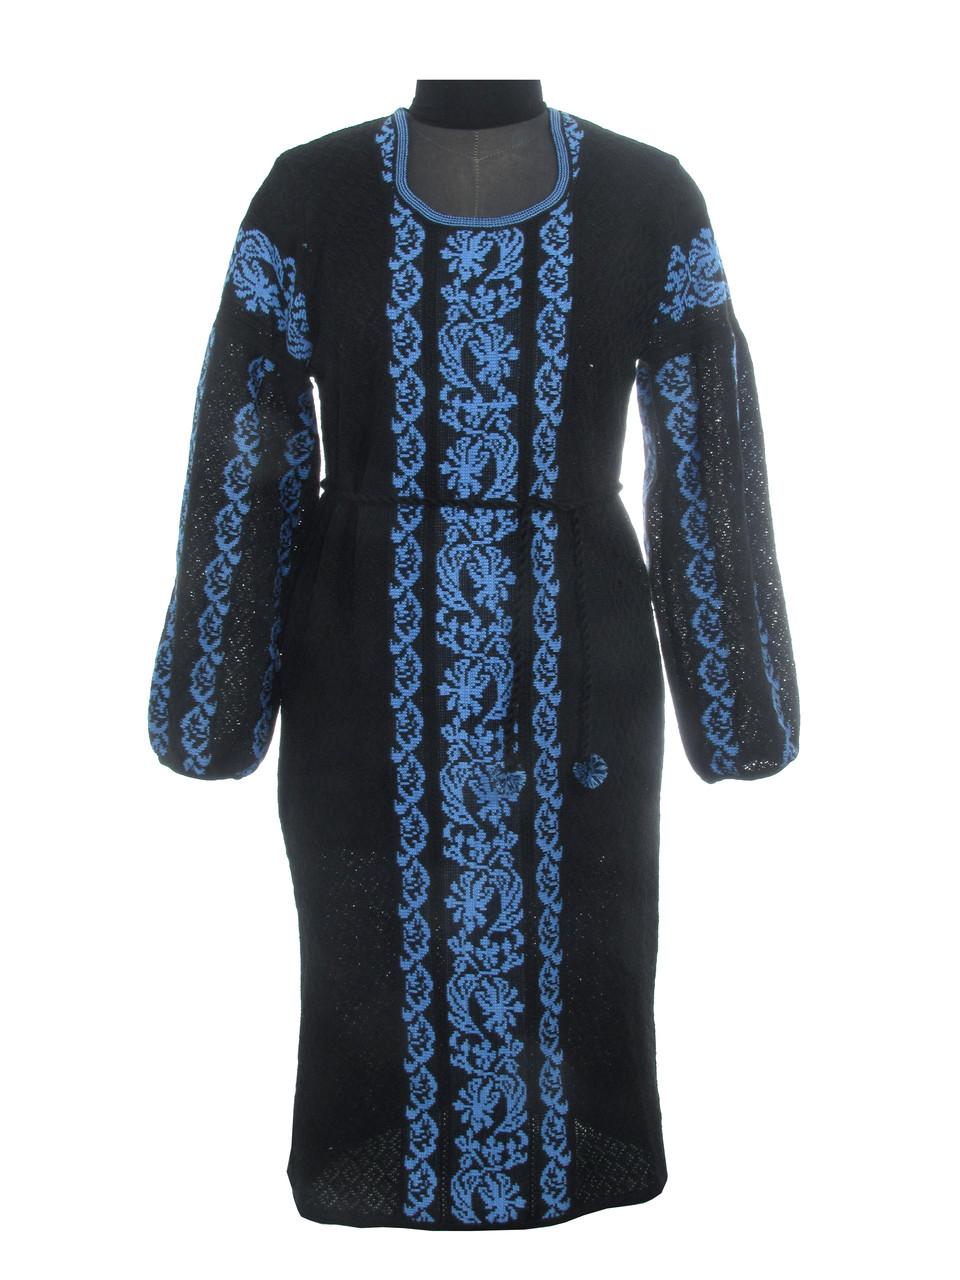 Вязаное платье Львовянка синяя (х/б)